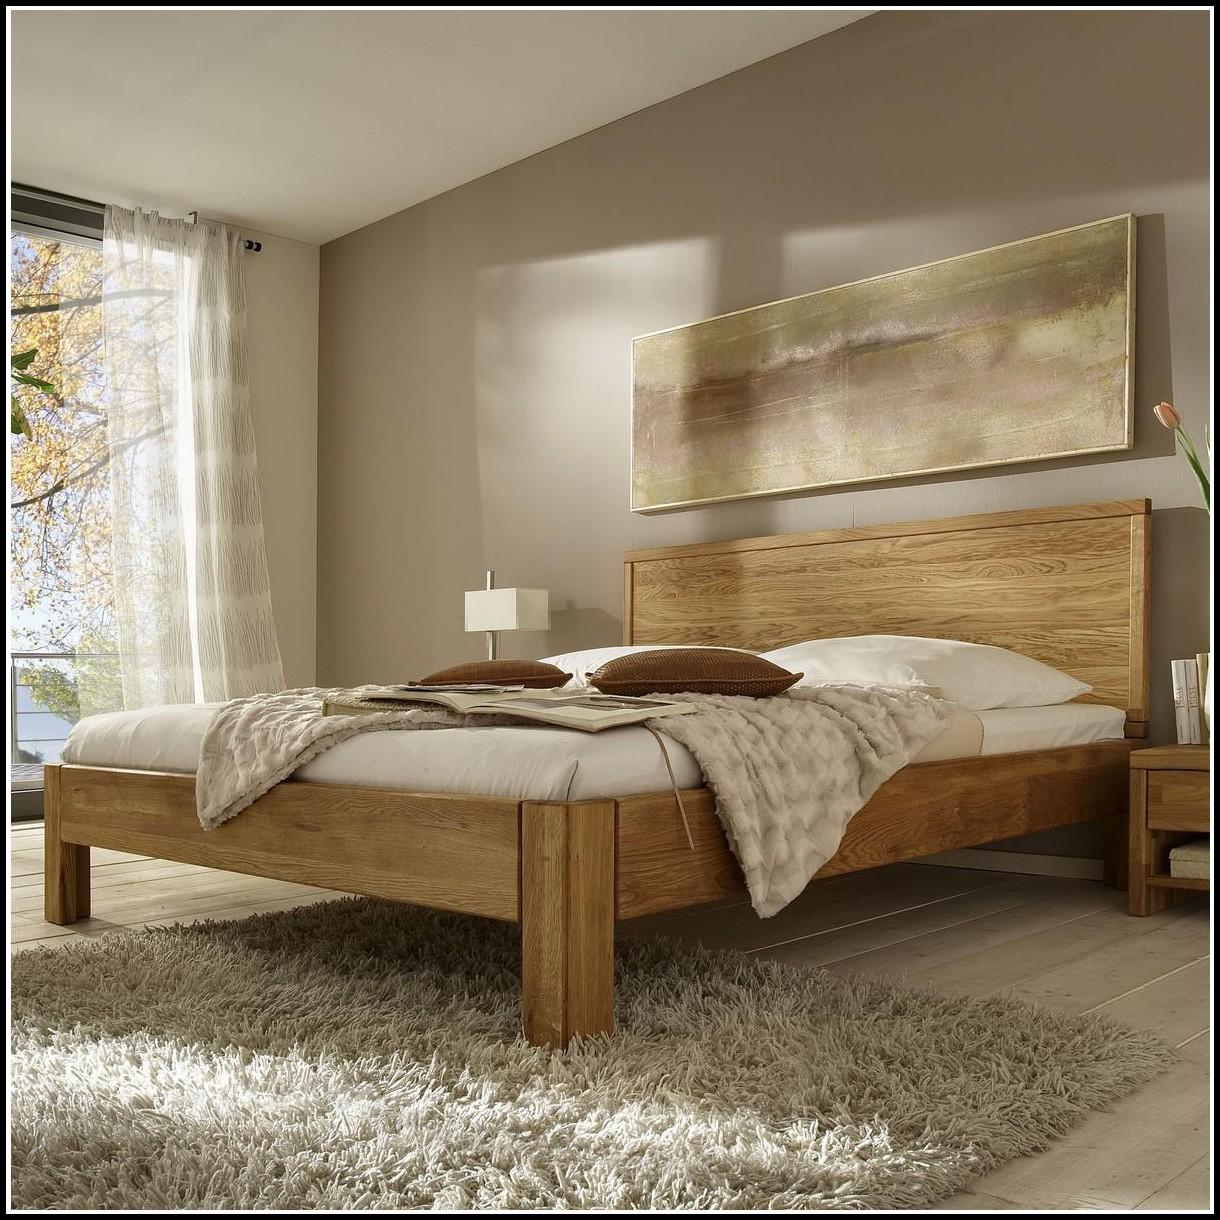 bett eiche massiv 200 x 200 betten house und dekor galerie jlw8wwqkeq. Black Bedroom Furniture Sets. Home Design Ideas